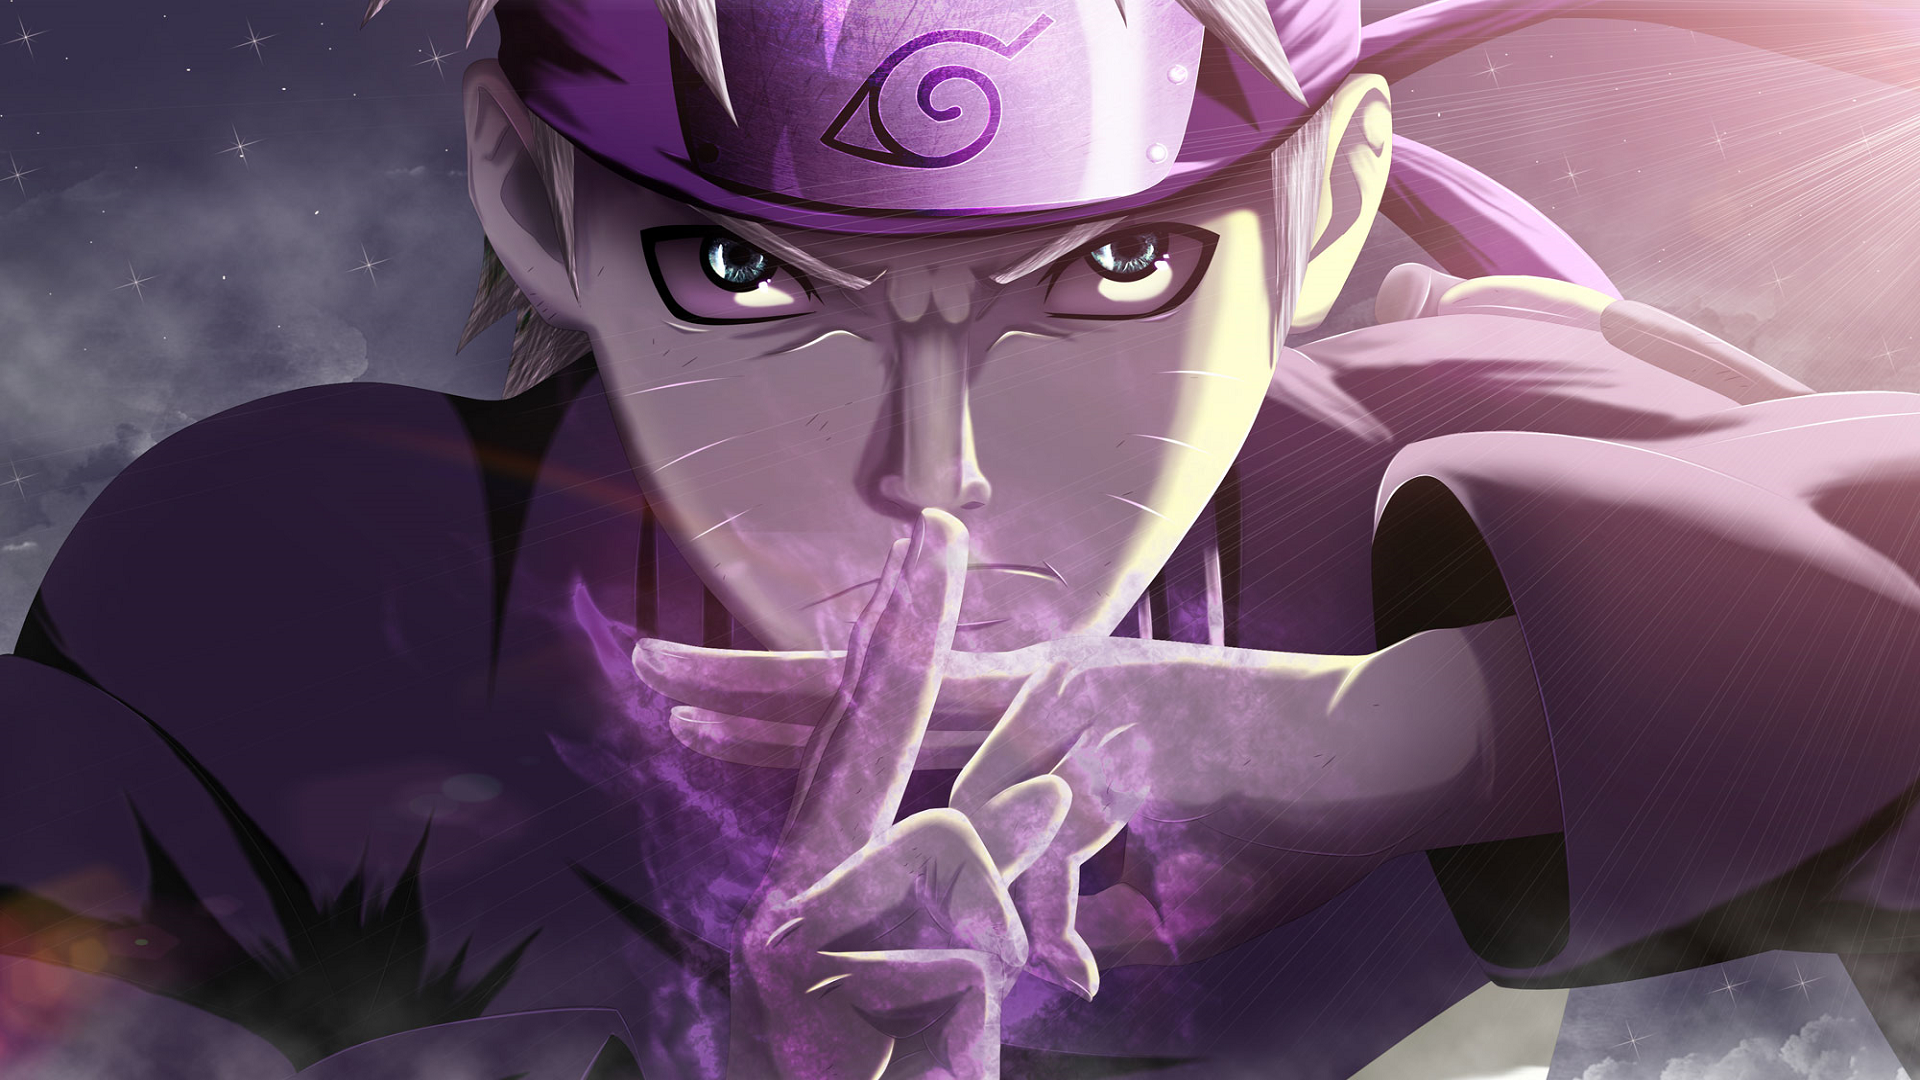 动漫 - 火影忍者  Naruto Uzumaki 紫色 壁纸